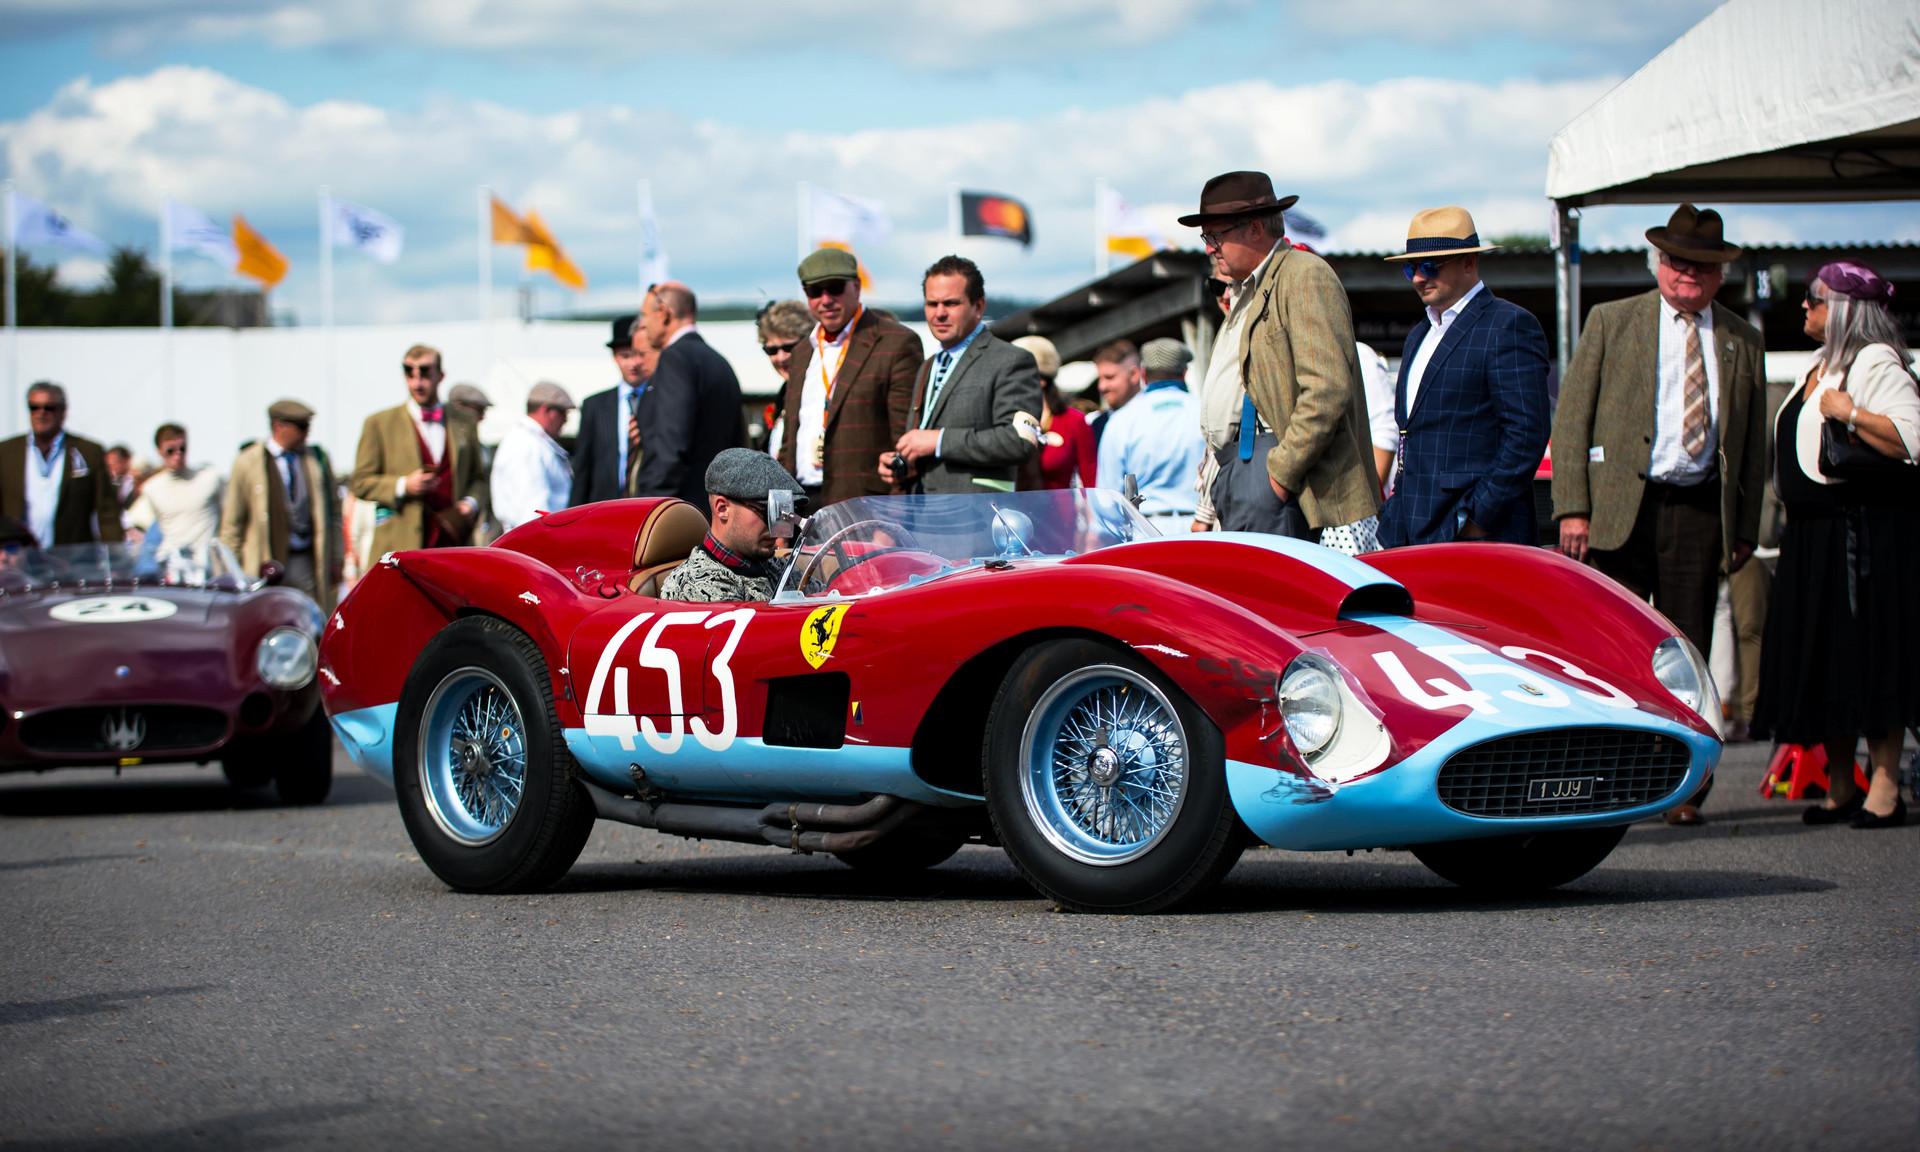 Jason Yates' 1957 Ferrari 500 TRC